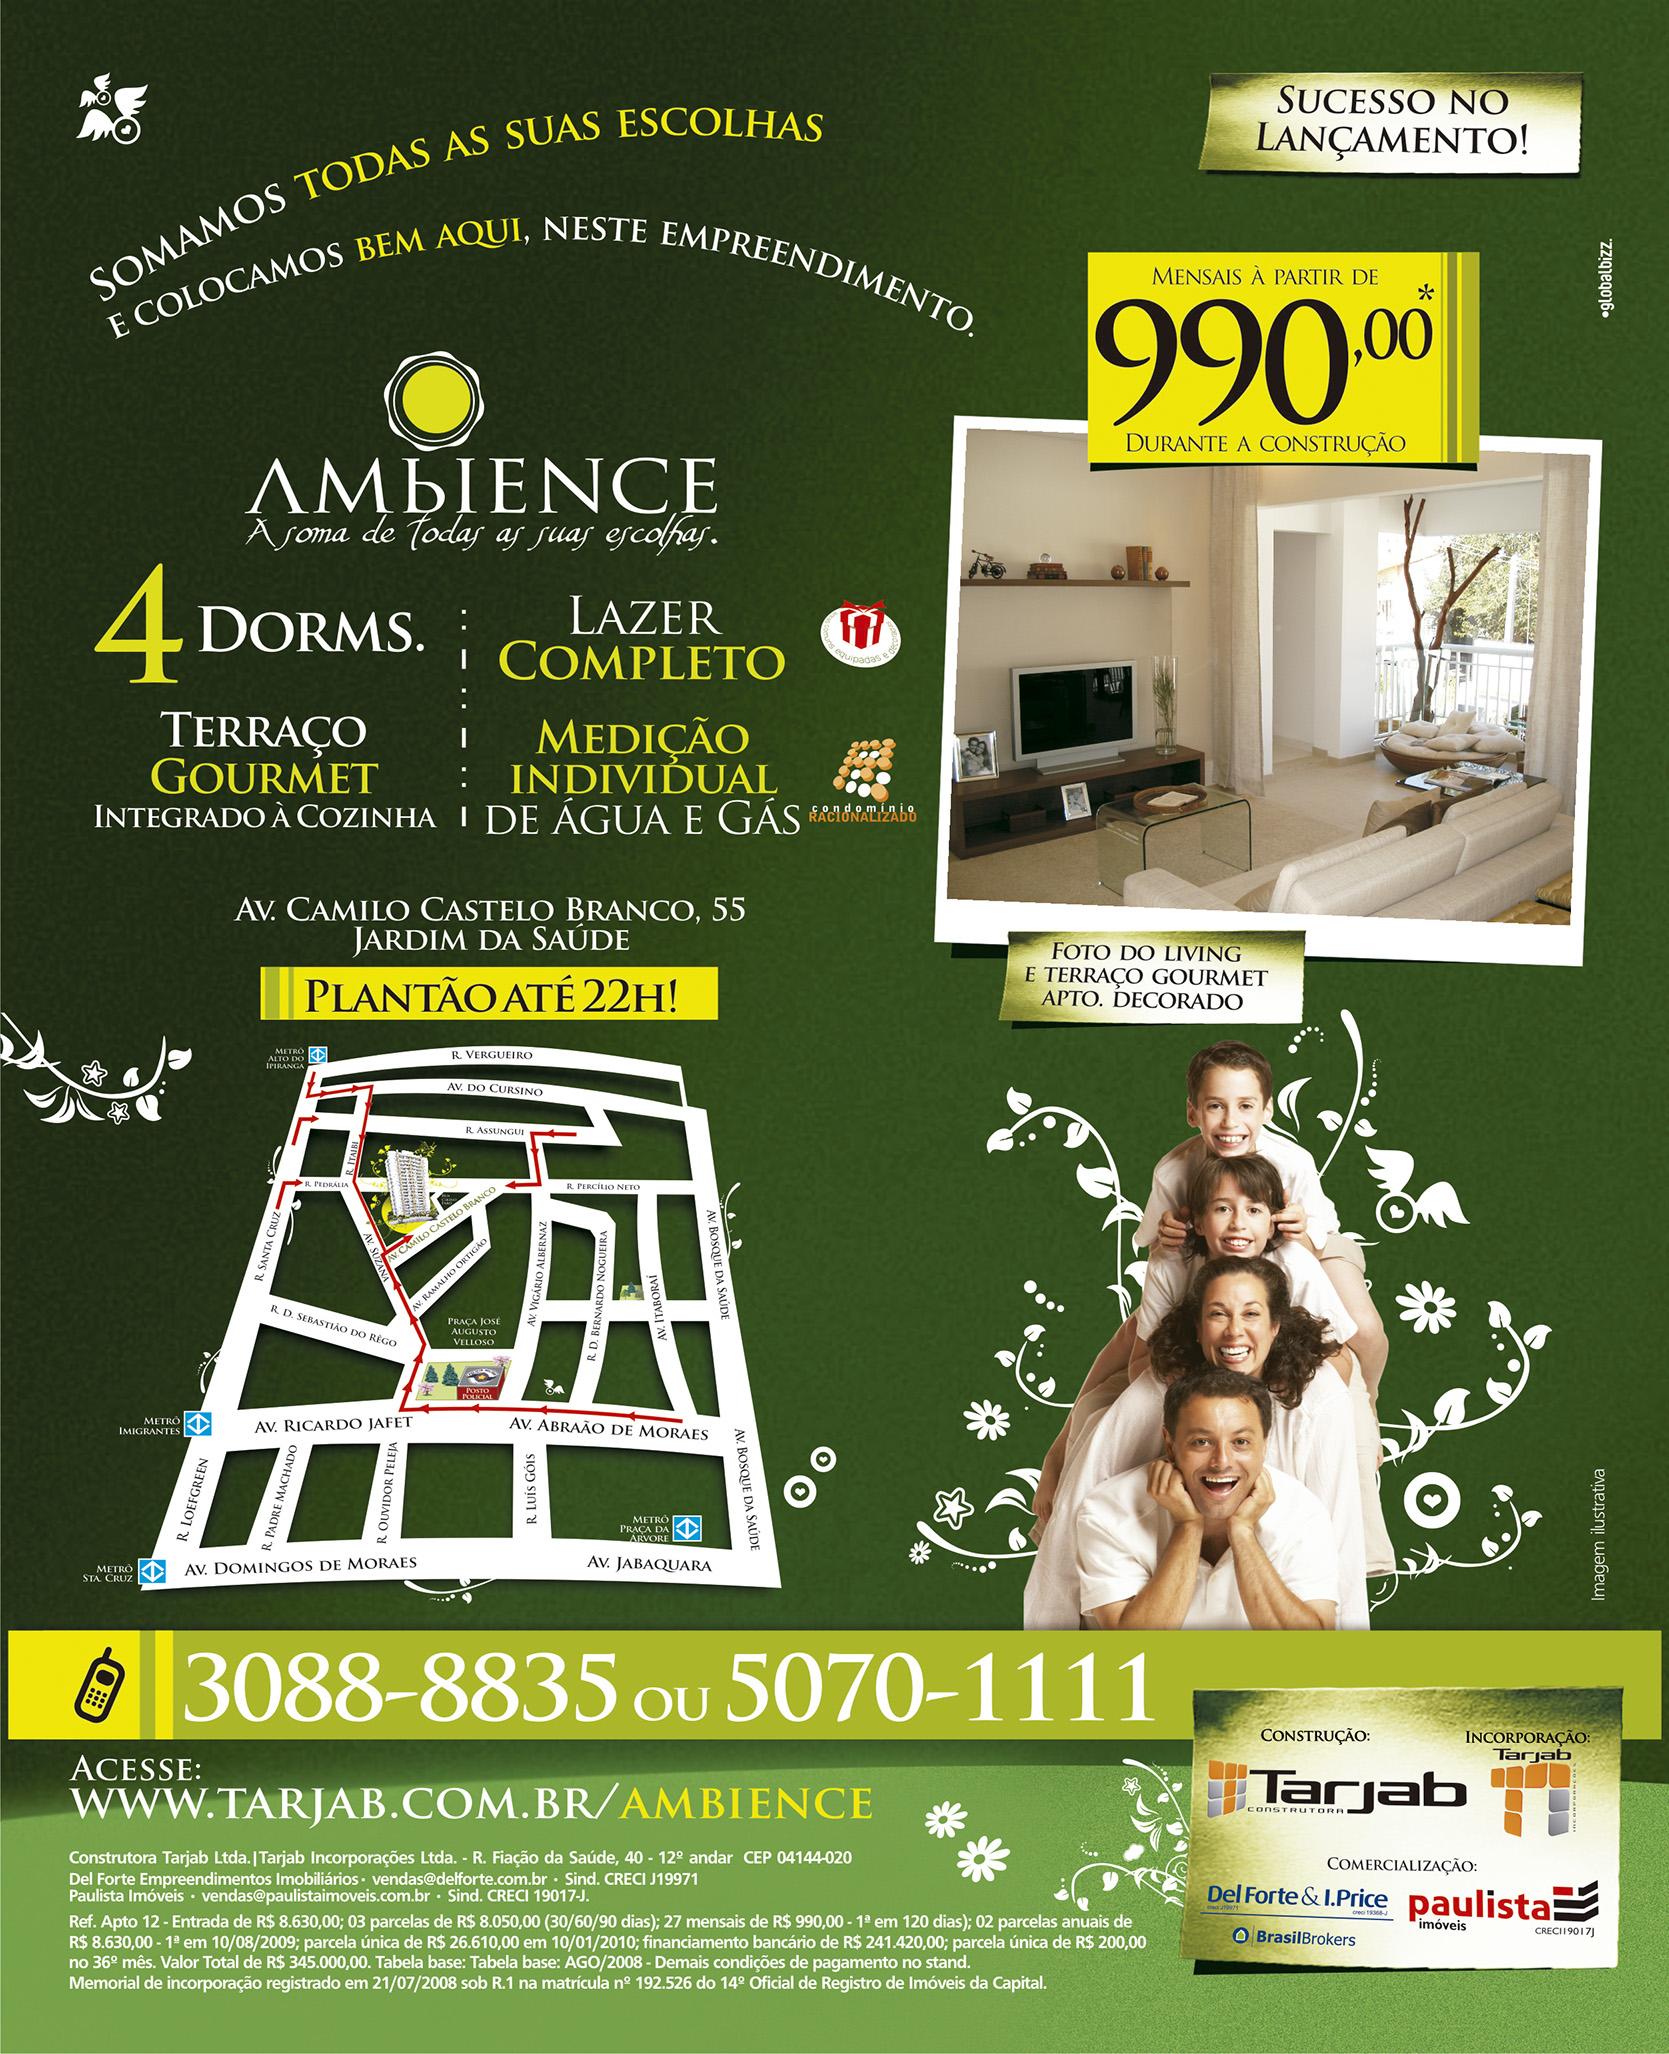 +Imobiliário - Ambience